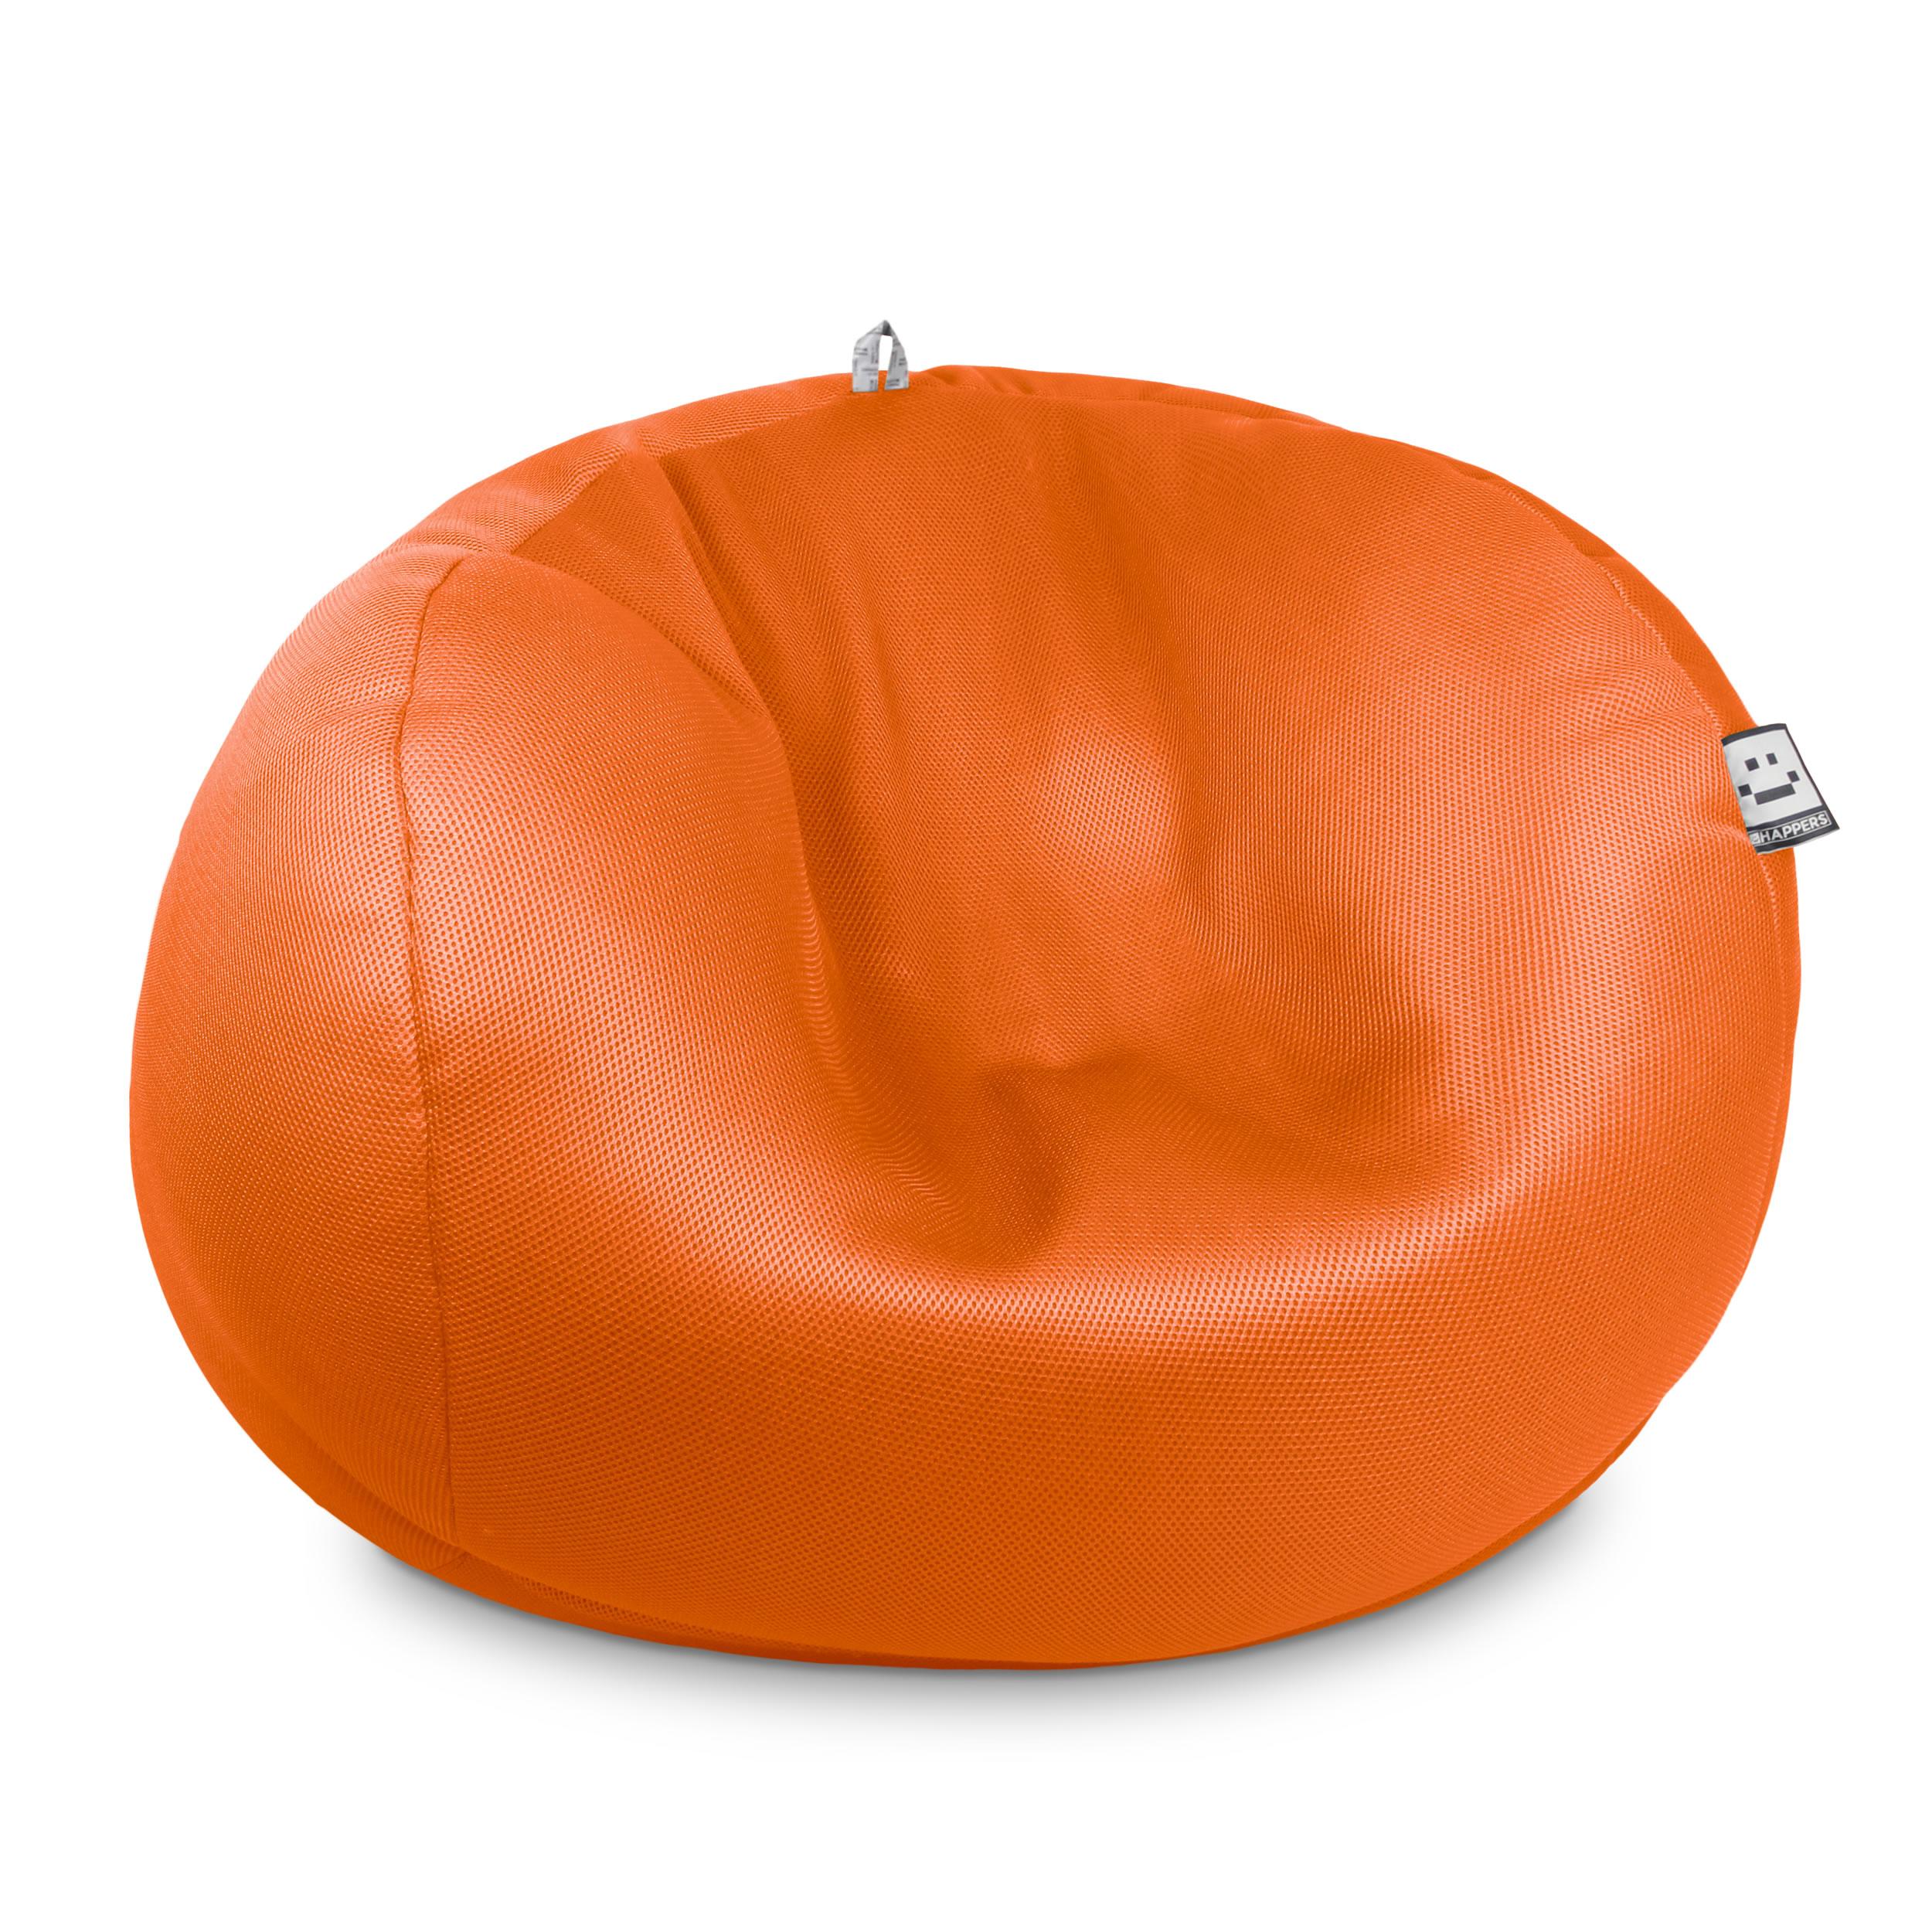 Mega Puff Transpirable 3D Naranja Happers | Happers.es